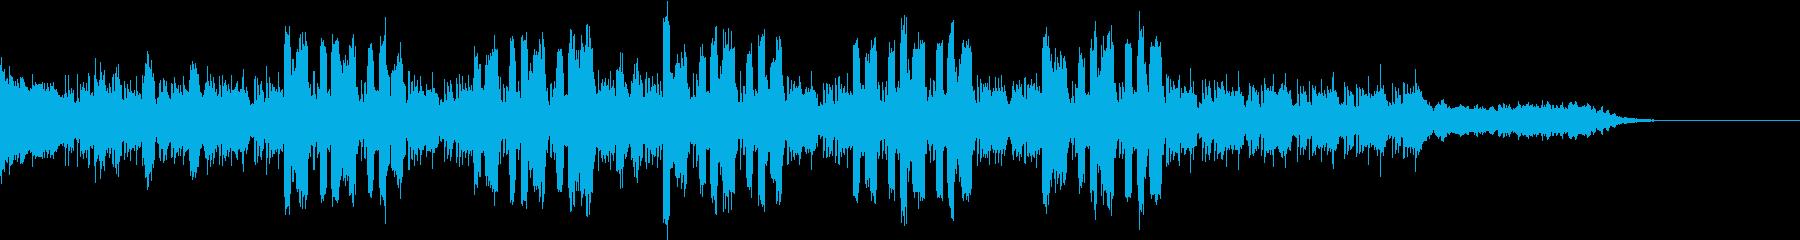 深海にいるようなイメージの再生済みの波形